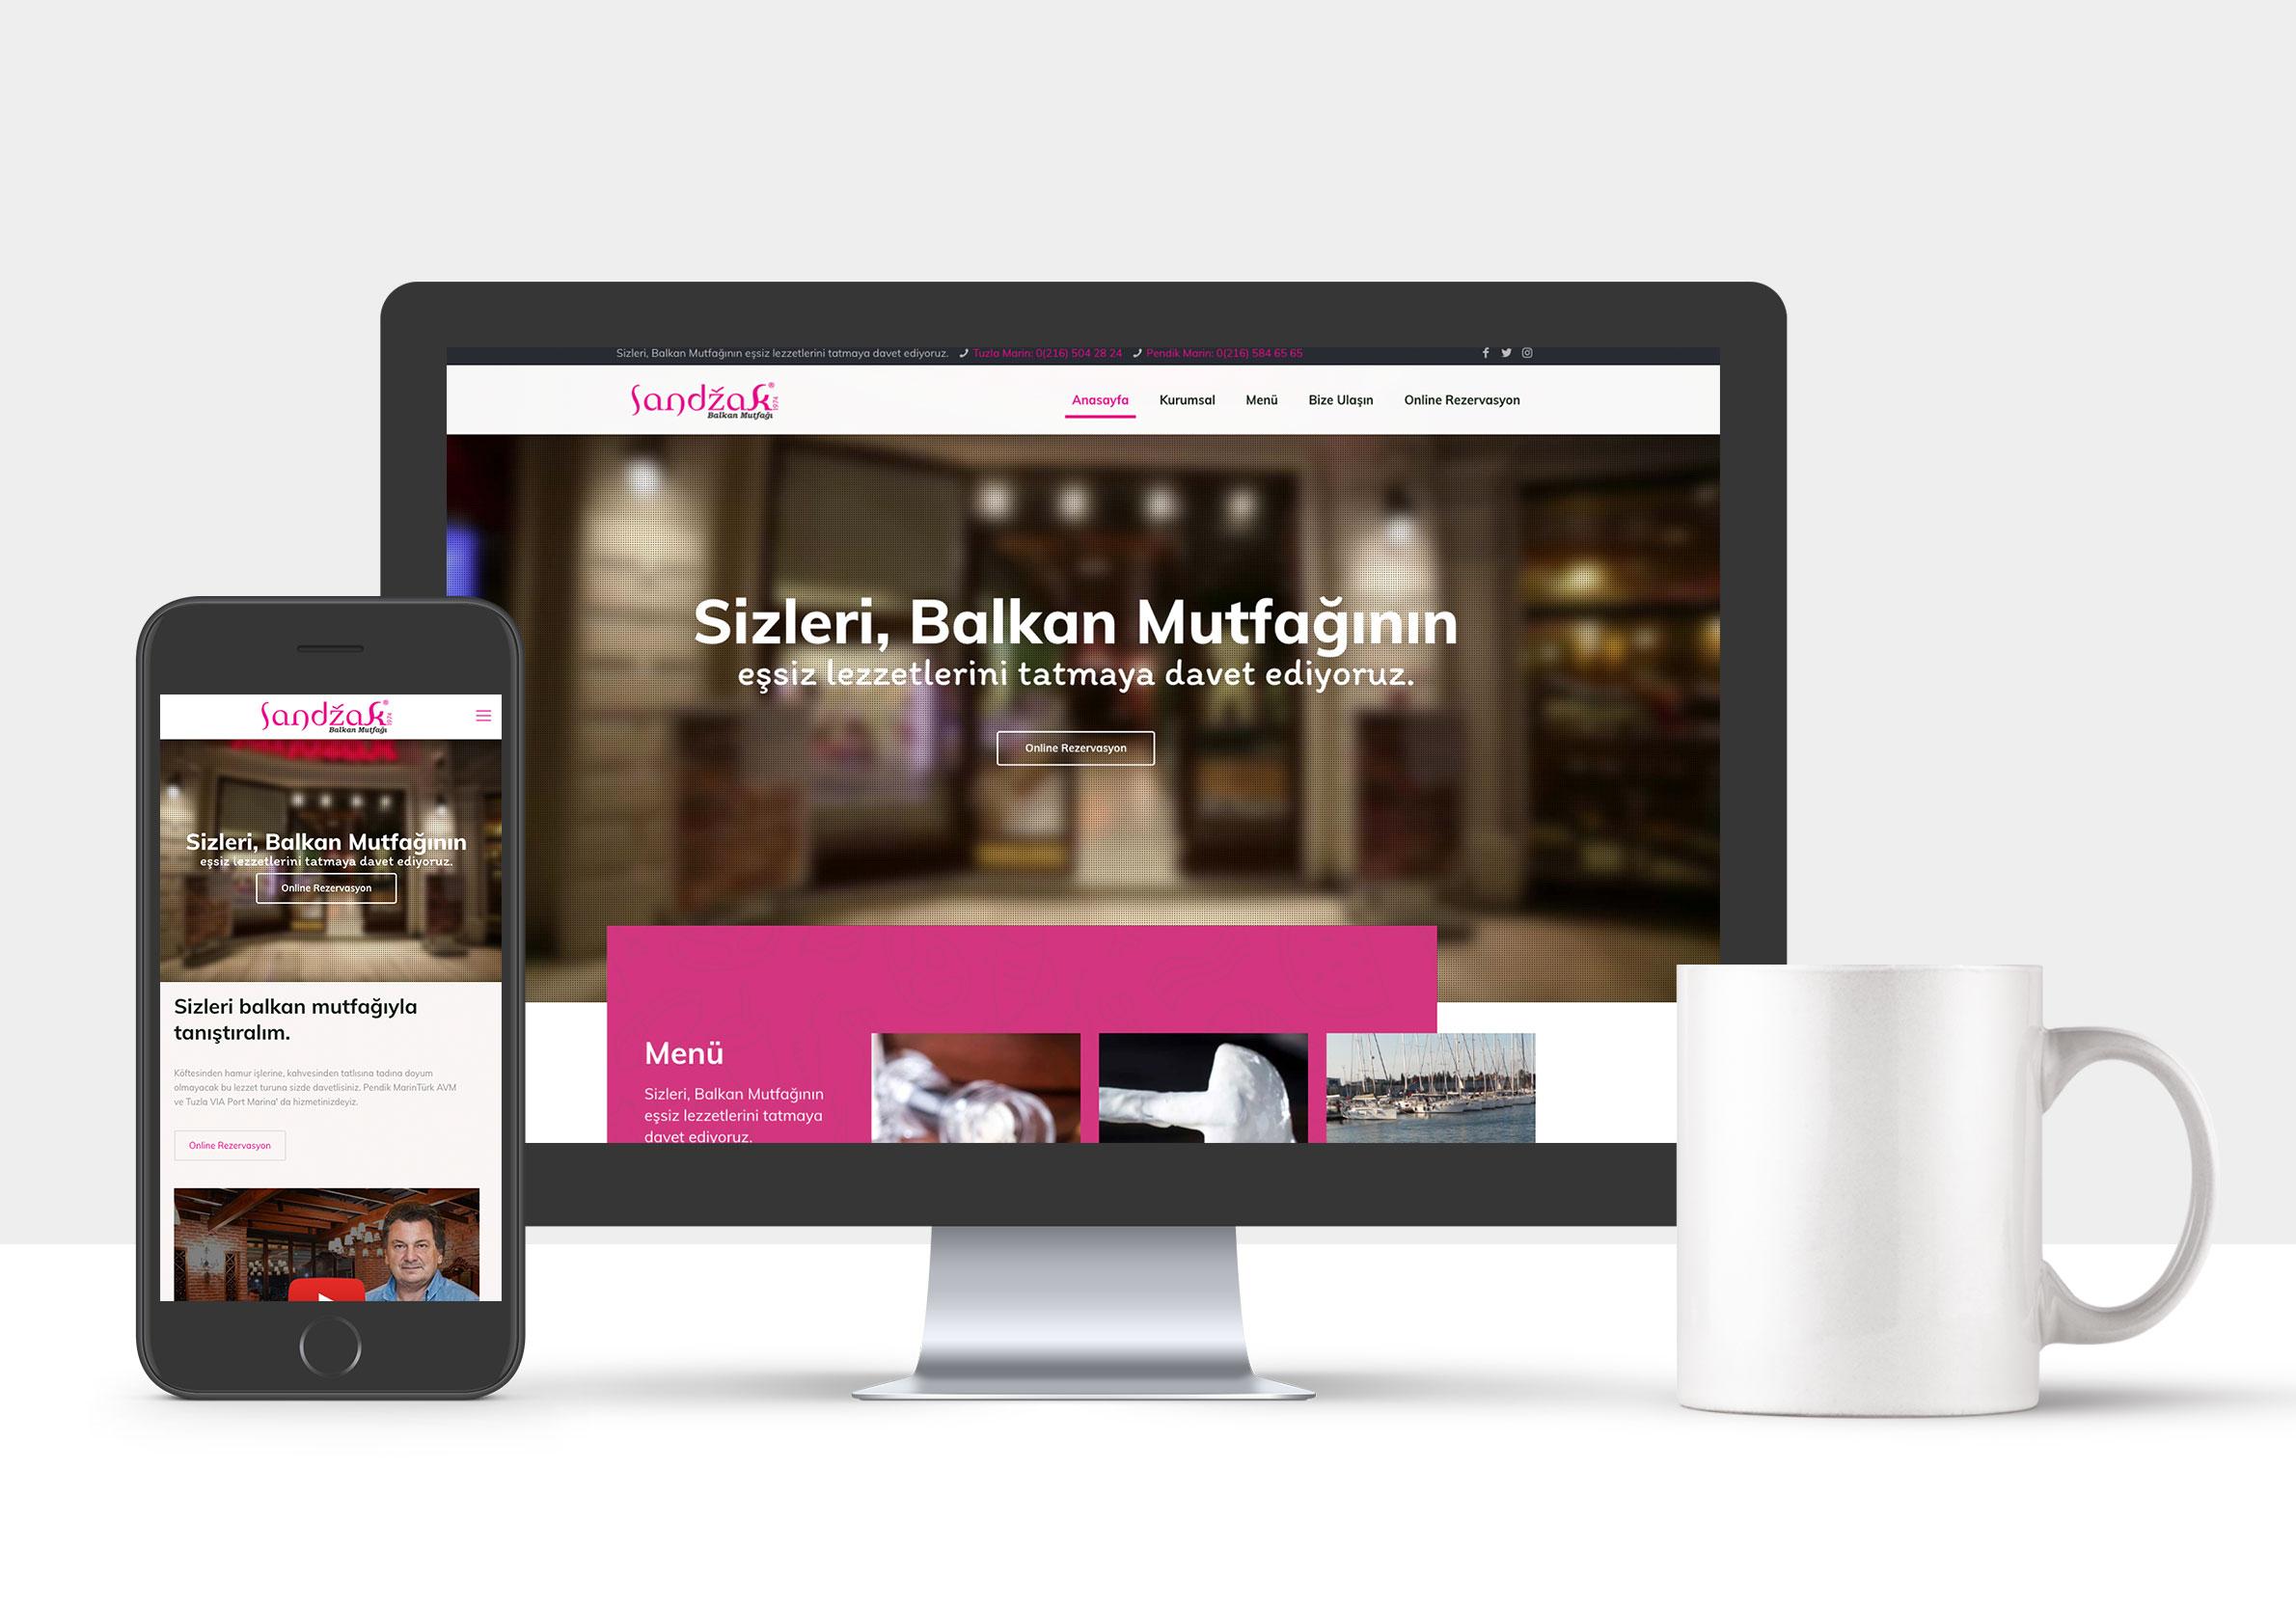 sandzak-kurumsal-web-tasarim.jpg